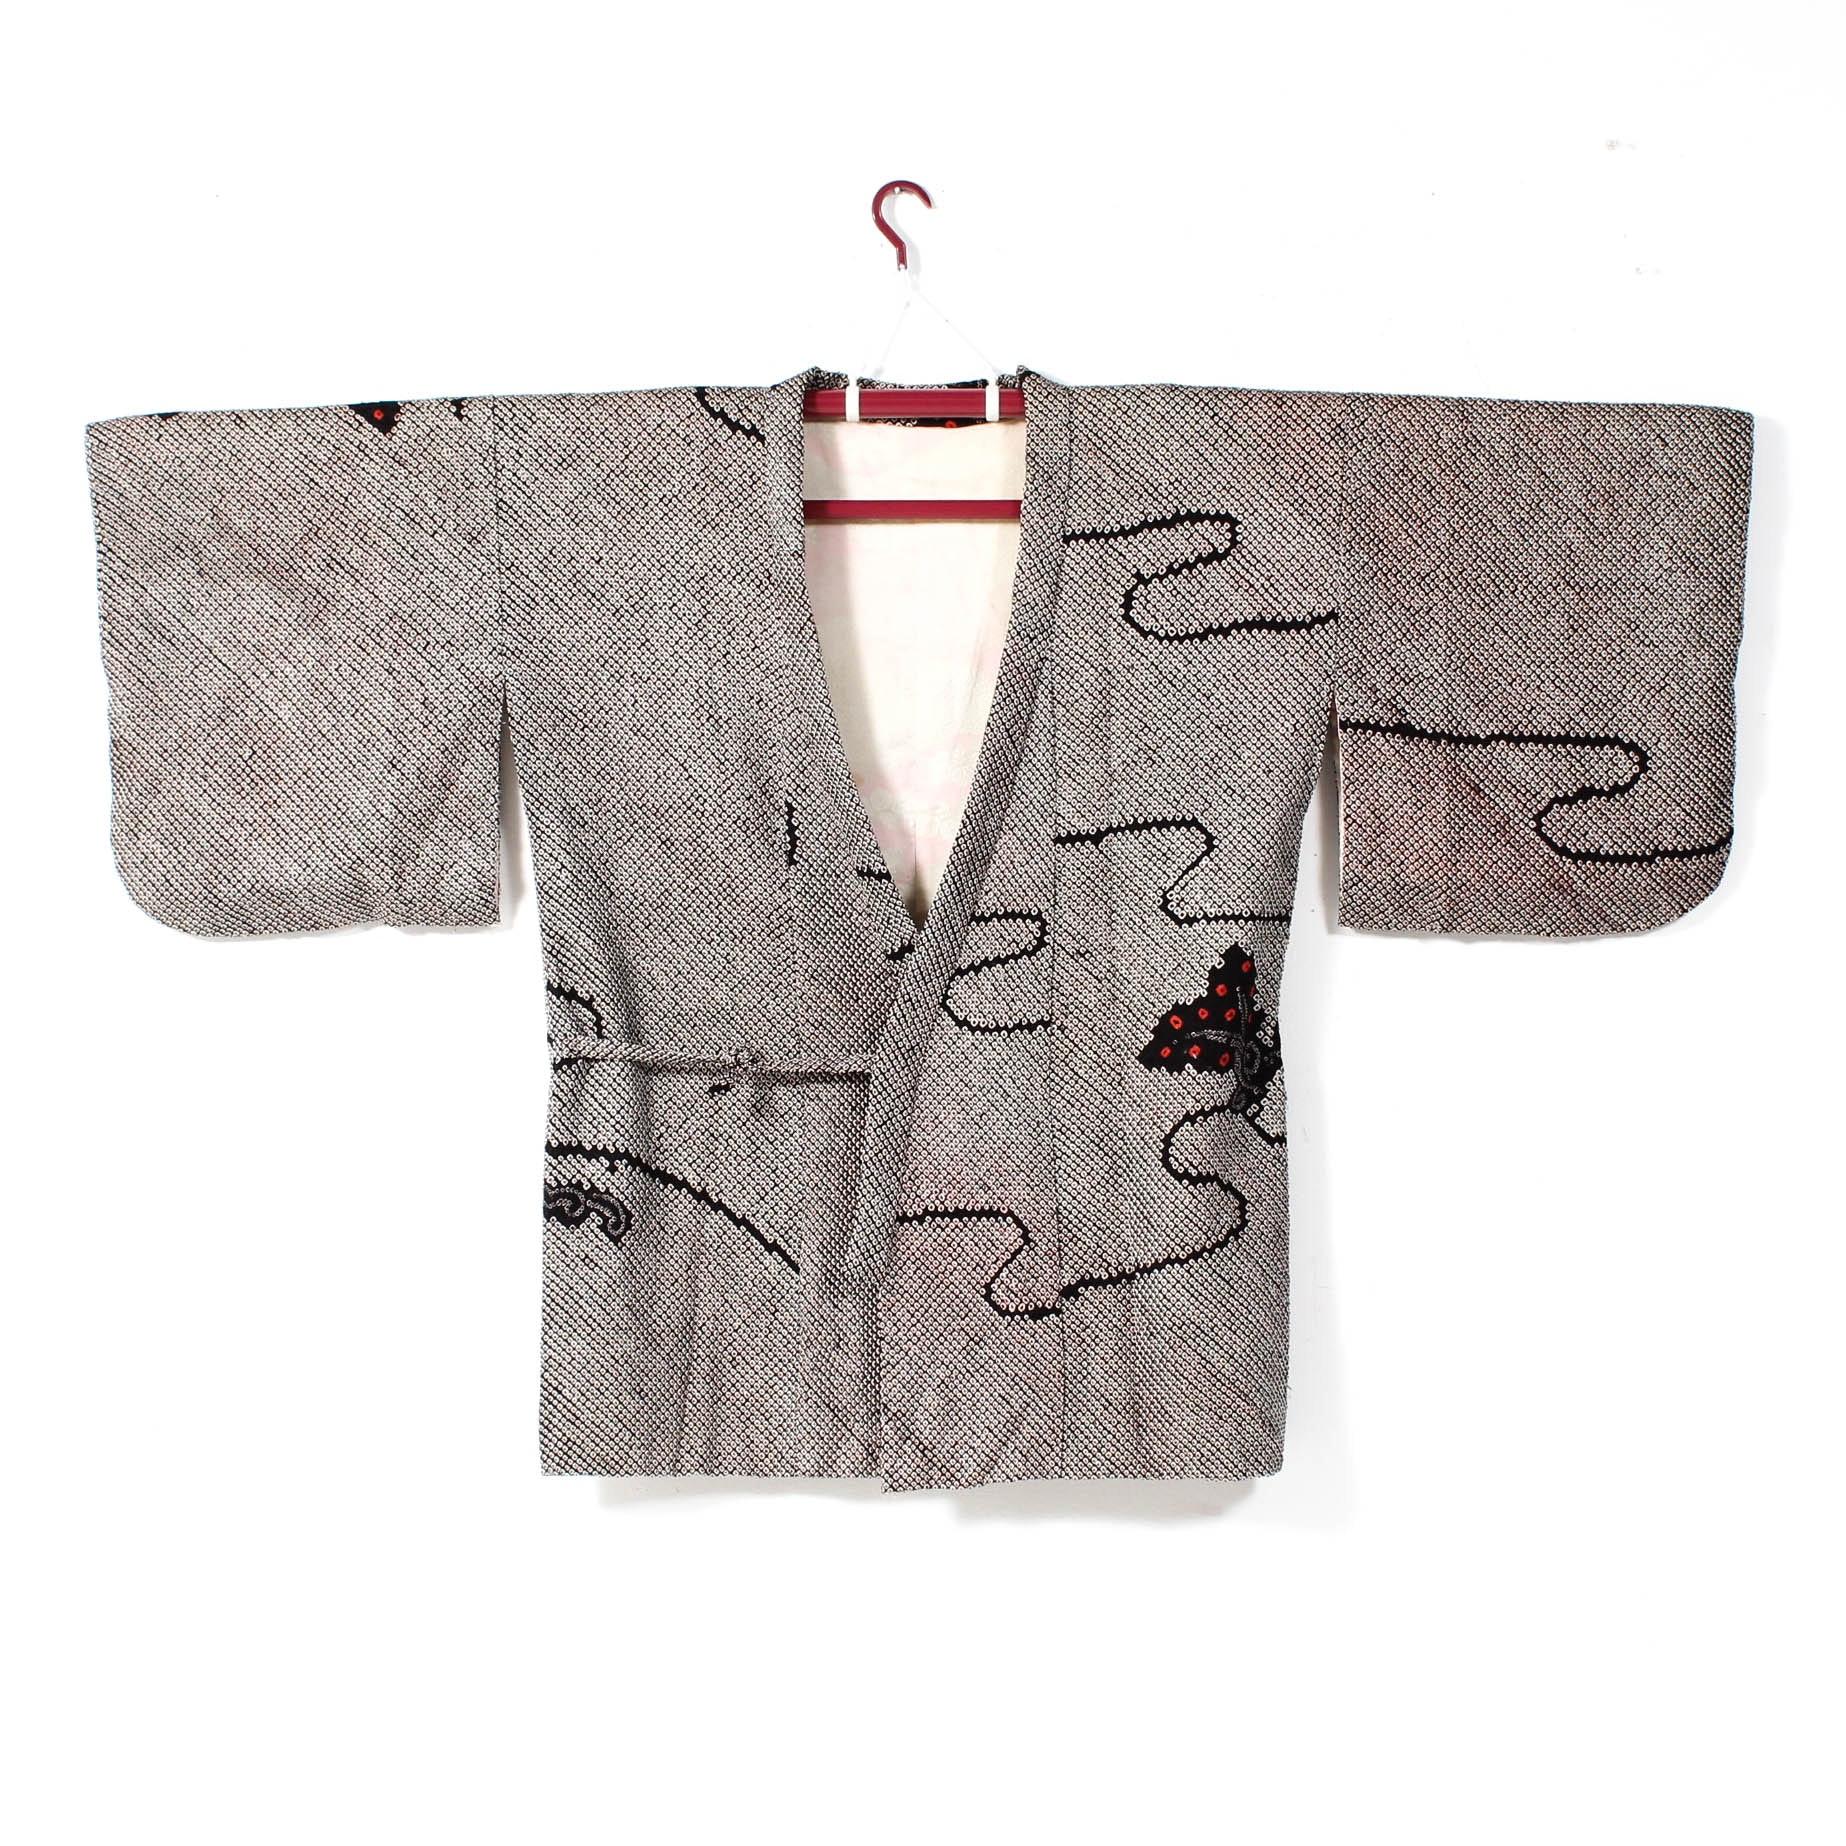 Vintage Shibori Dyed Haori Kimono Jacket